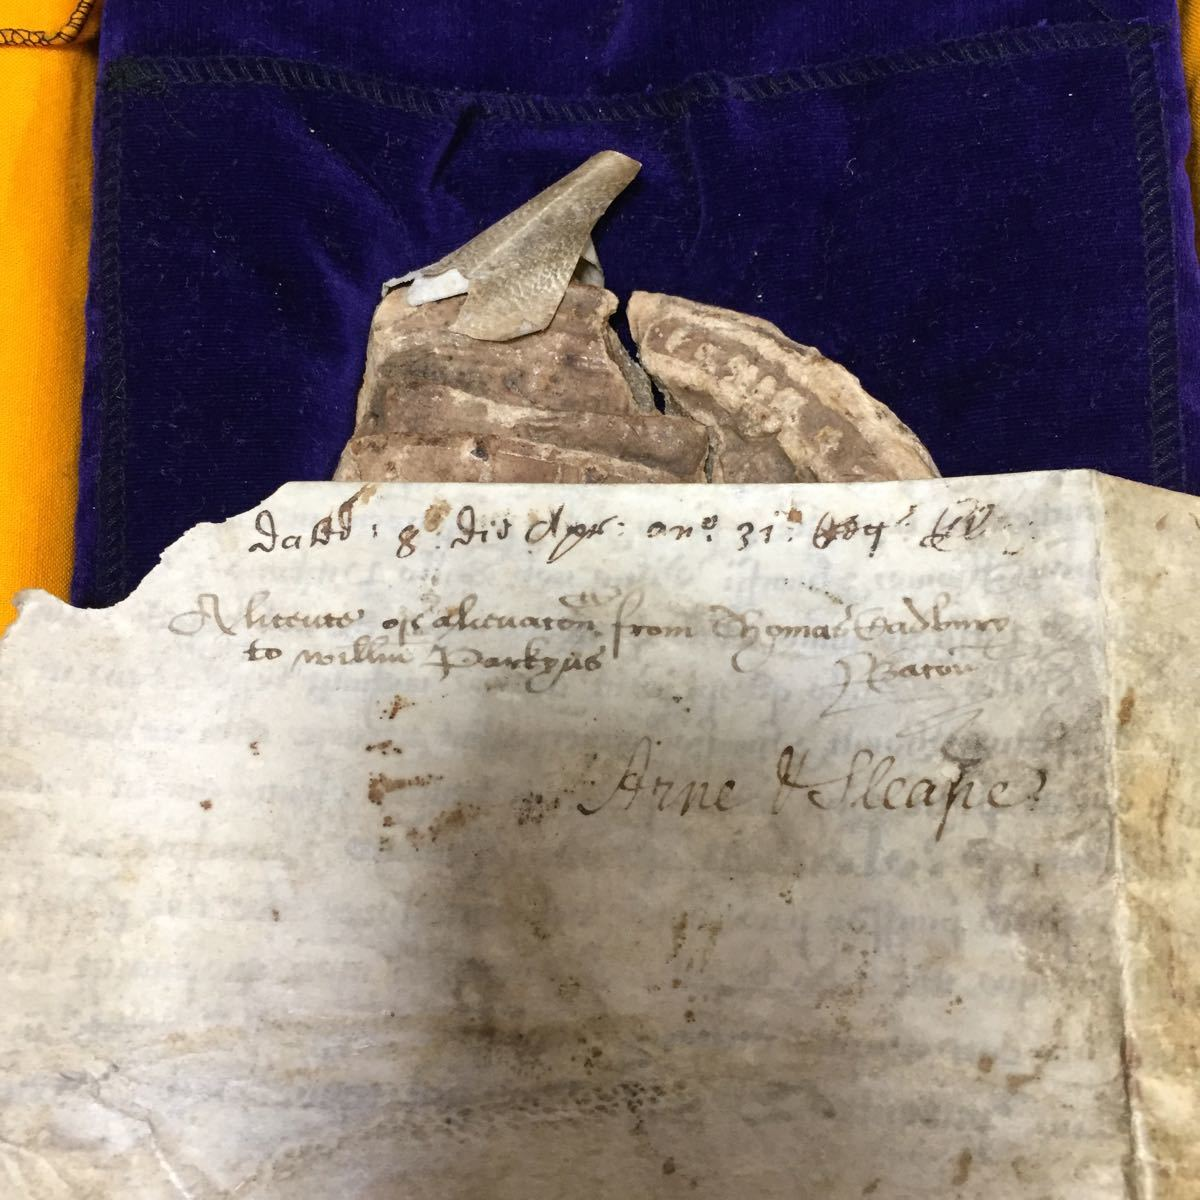 エリザベス一世 の玉璽証書子牛皮紙に書かれたラテン語の王室特許証 【 イギリス女王 英国 書 軍人 命令 任命 政治家 皇室 勲記 封筒 】_画像9